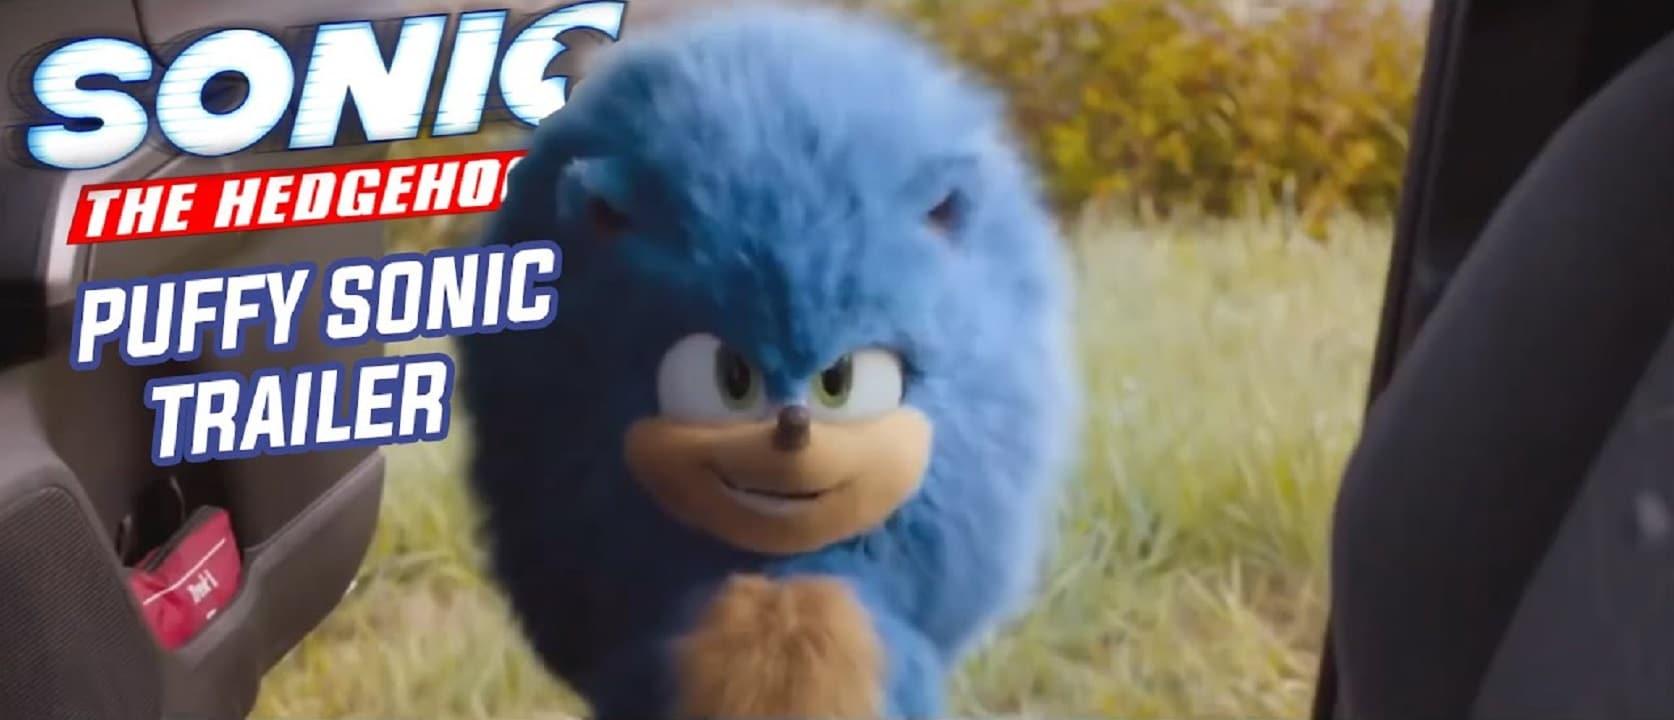 Novo vídeo do filme Sonic The Hedgehog mostra o herói